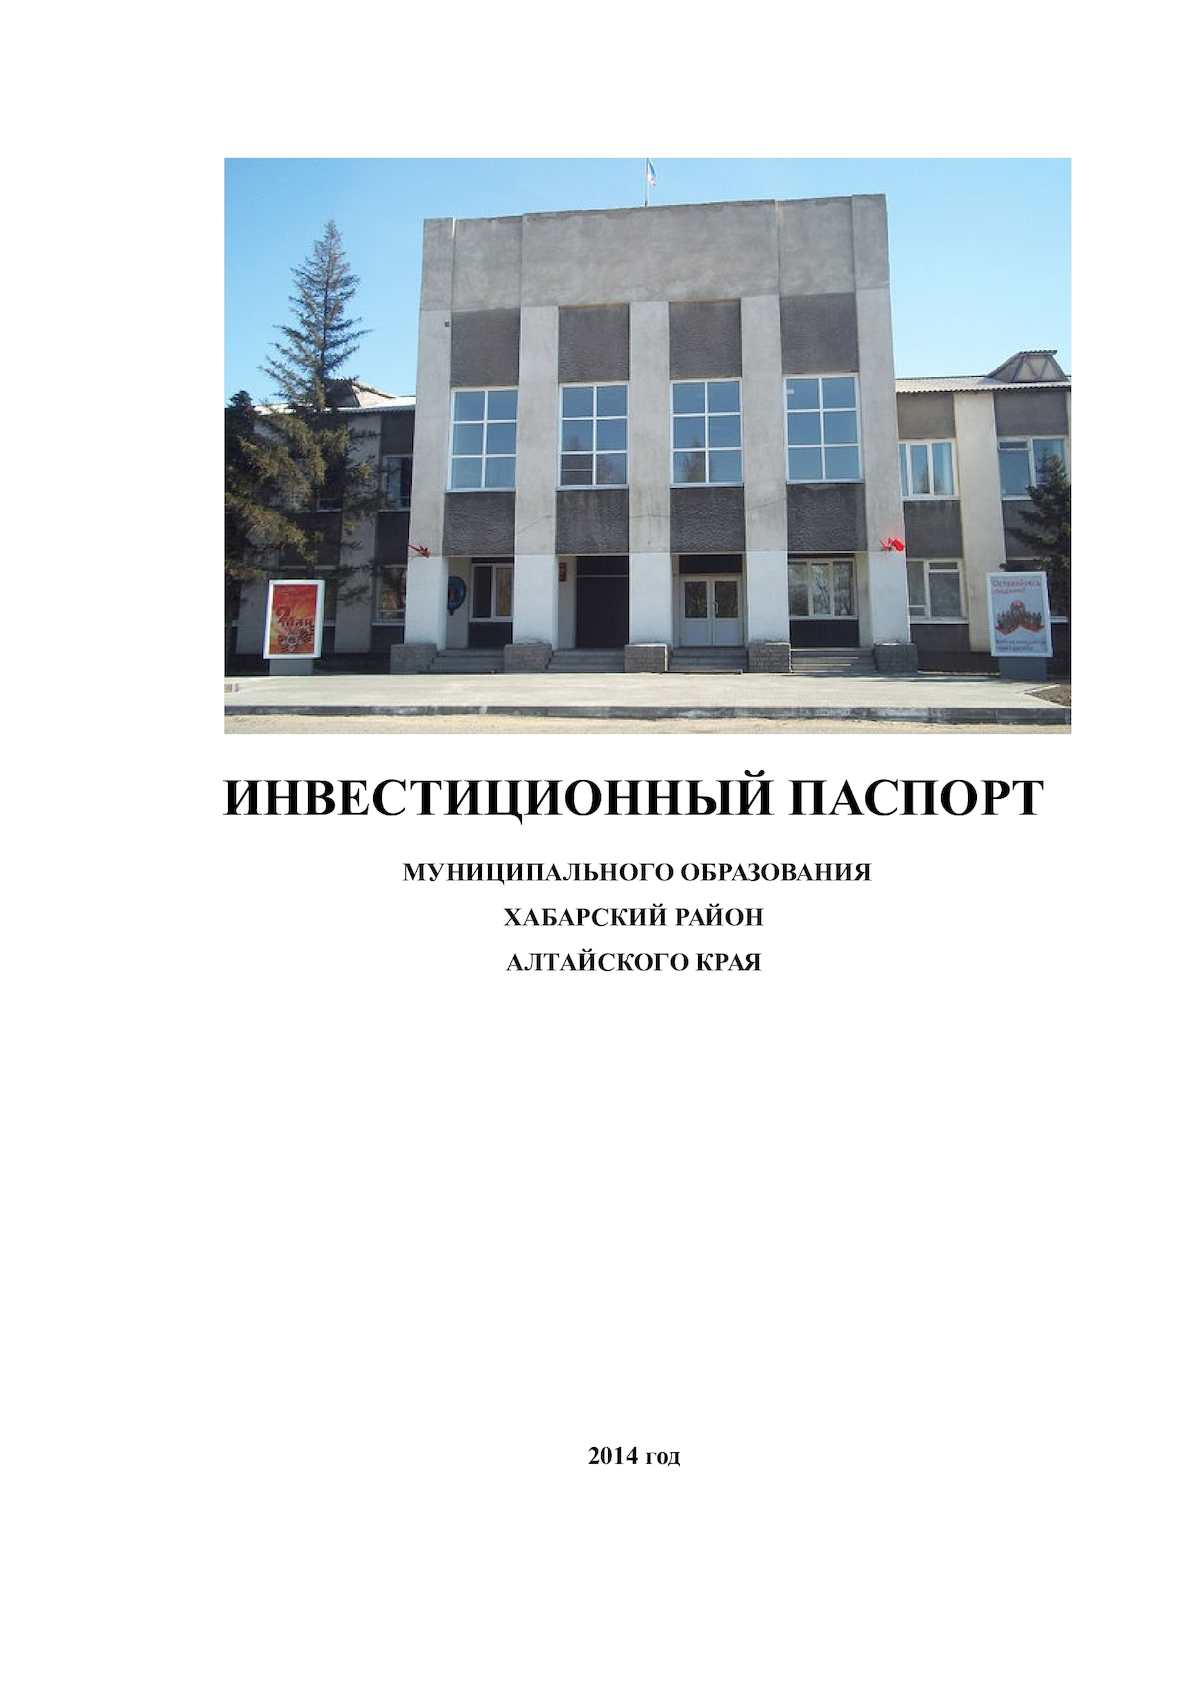 Коротояк алтайский край элеватор конвейеры поворотные производство